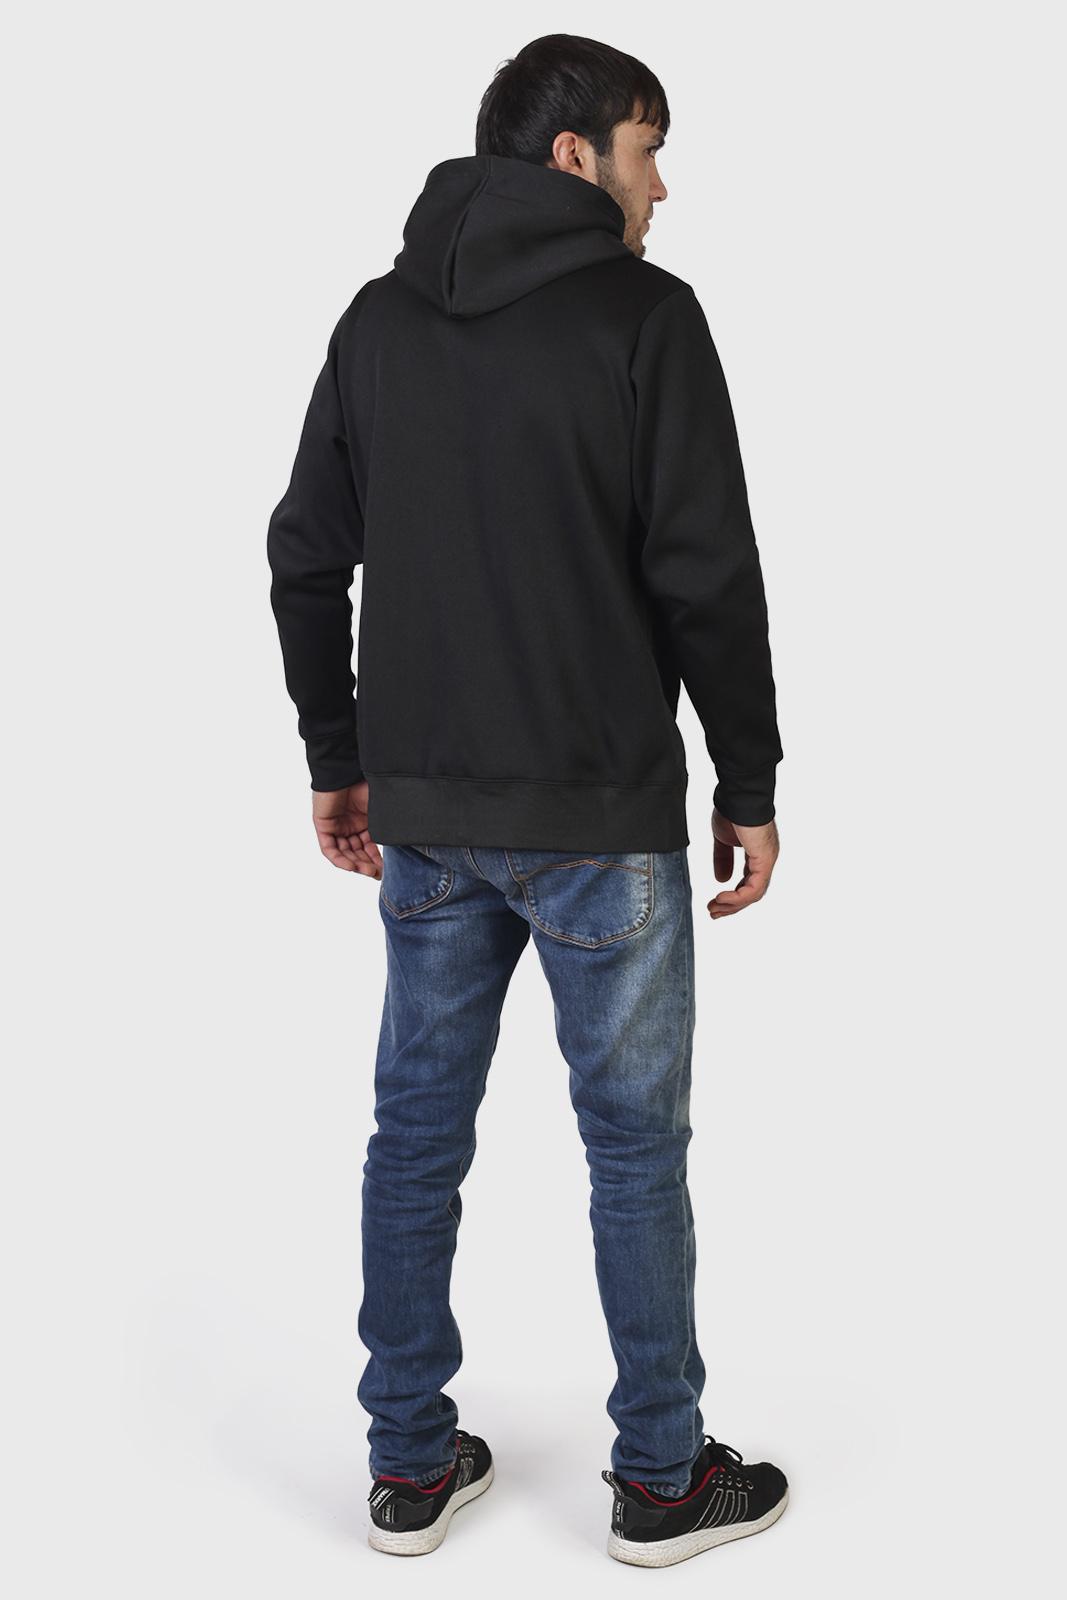 Теплая мужская толстовка с капюшоном купить с доставкой